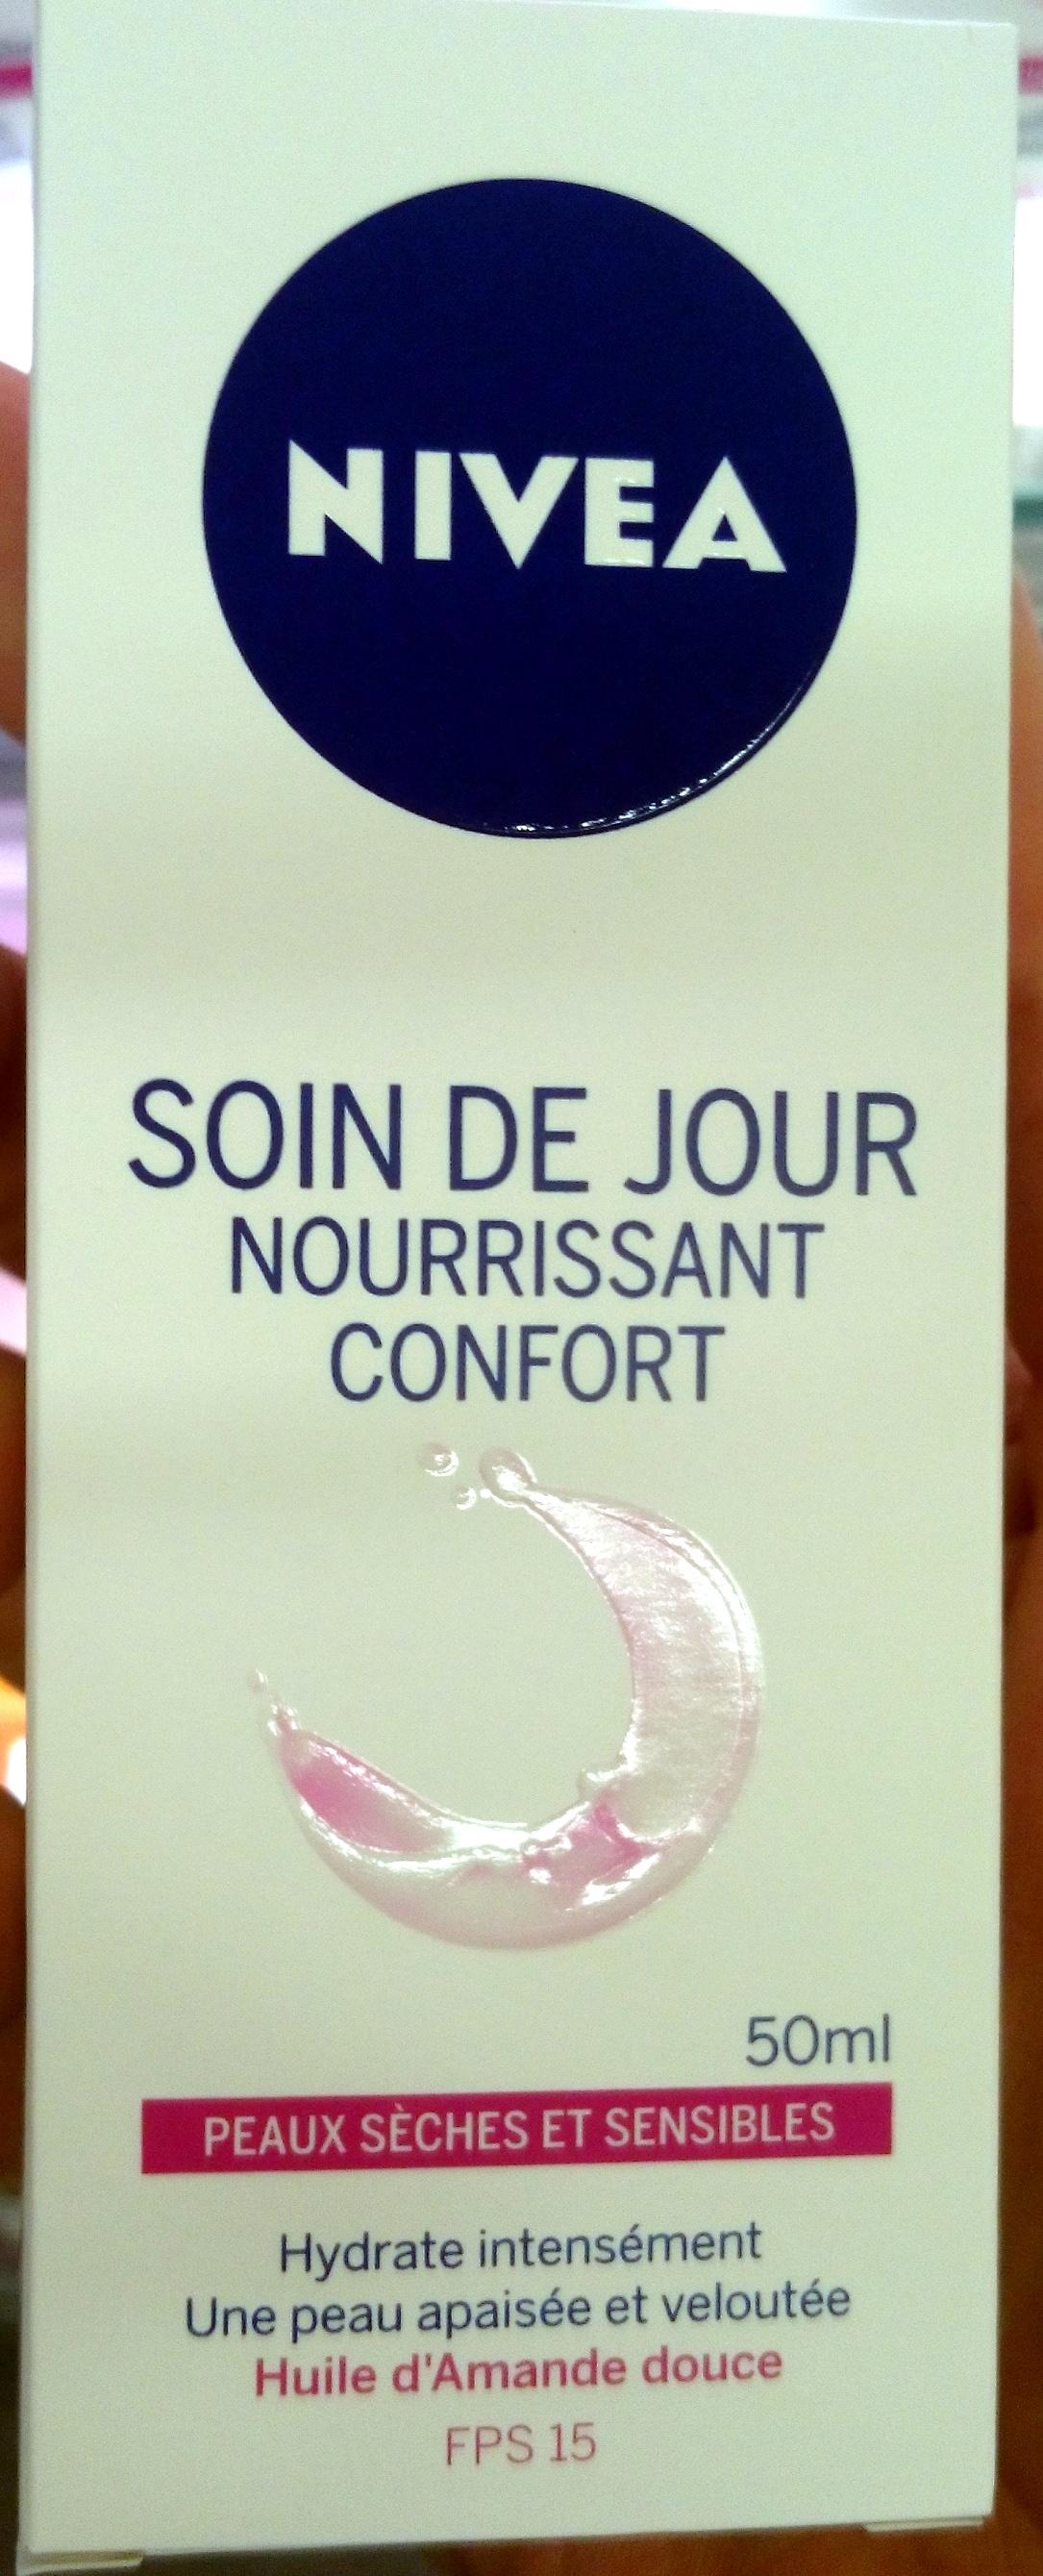 Soin de jour nourrissant confort - Product - fr